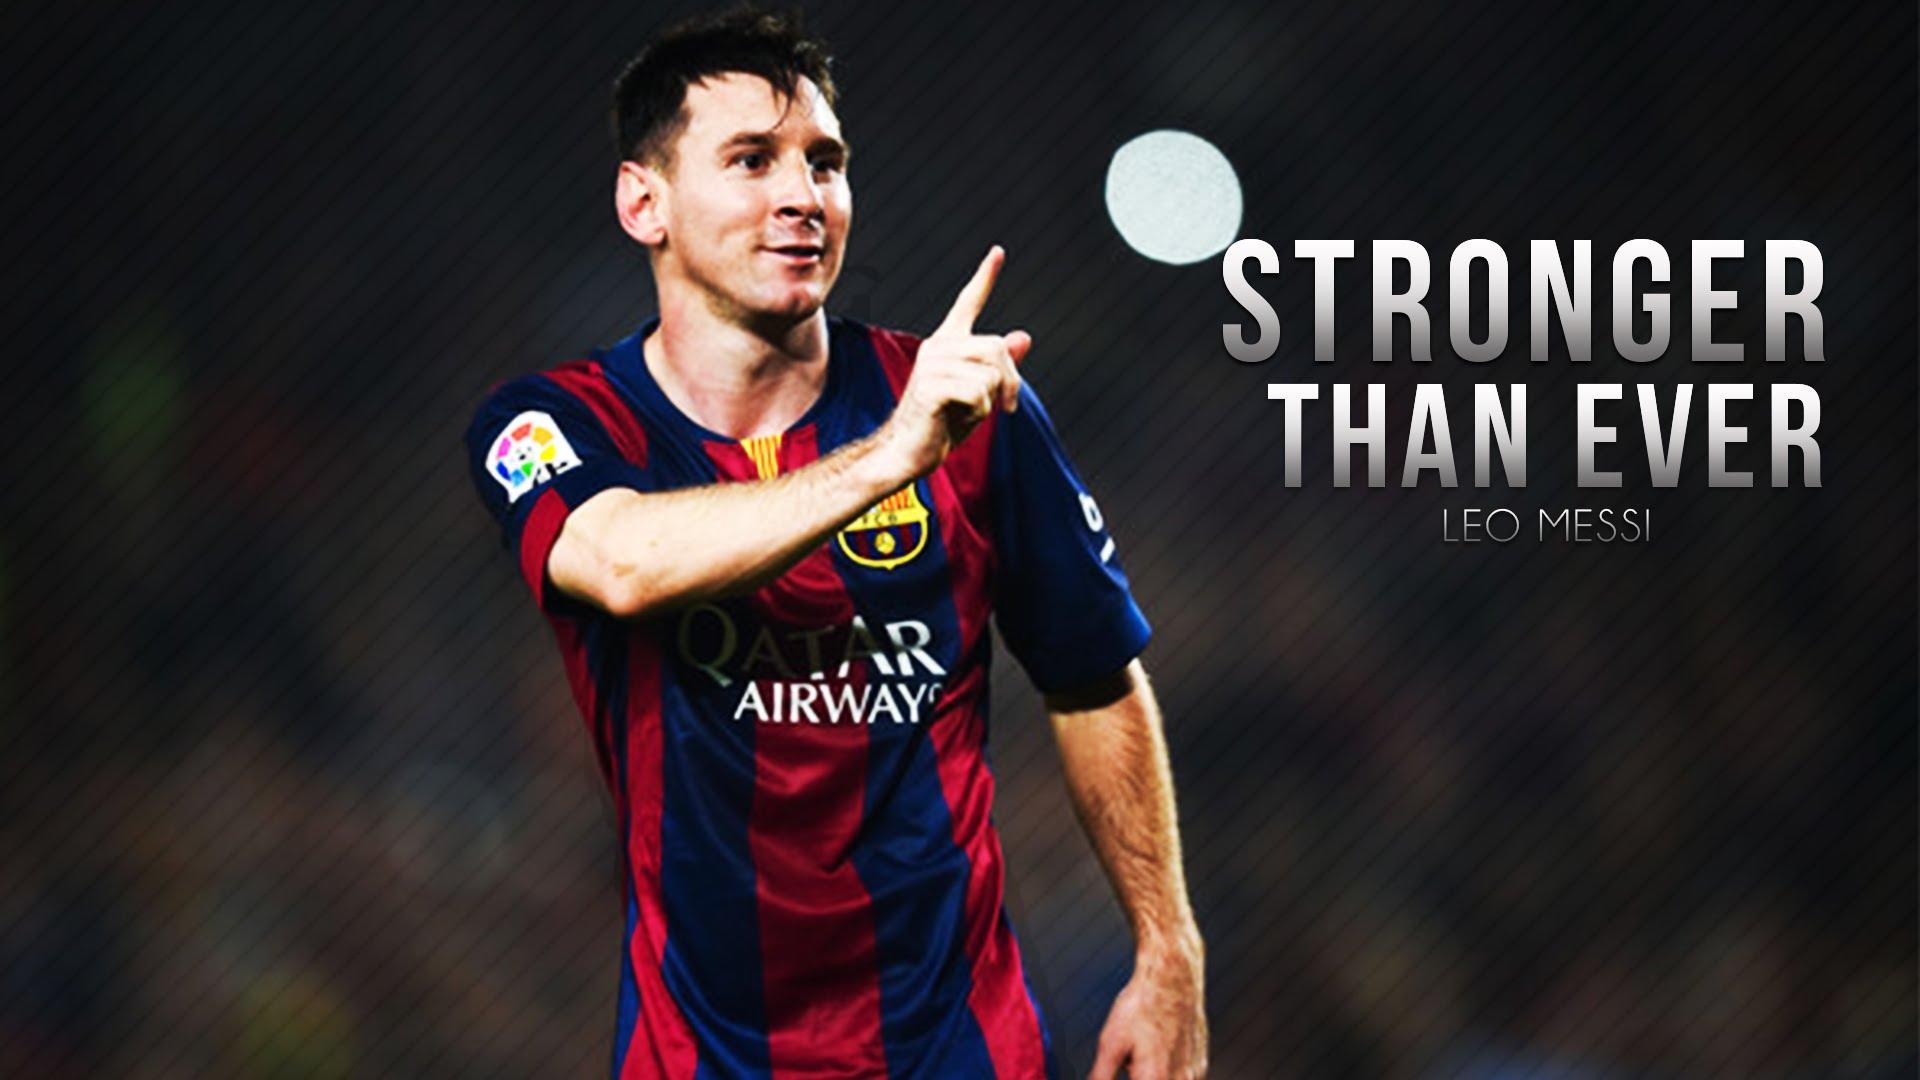 Lionel Messi Full HD Wallpaper 1920x1080